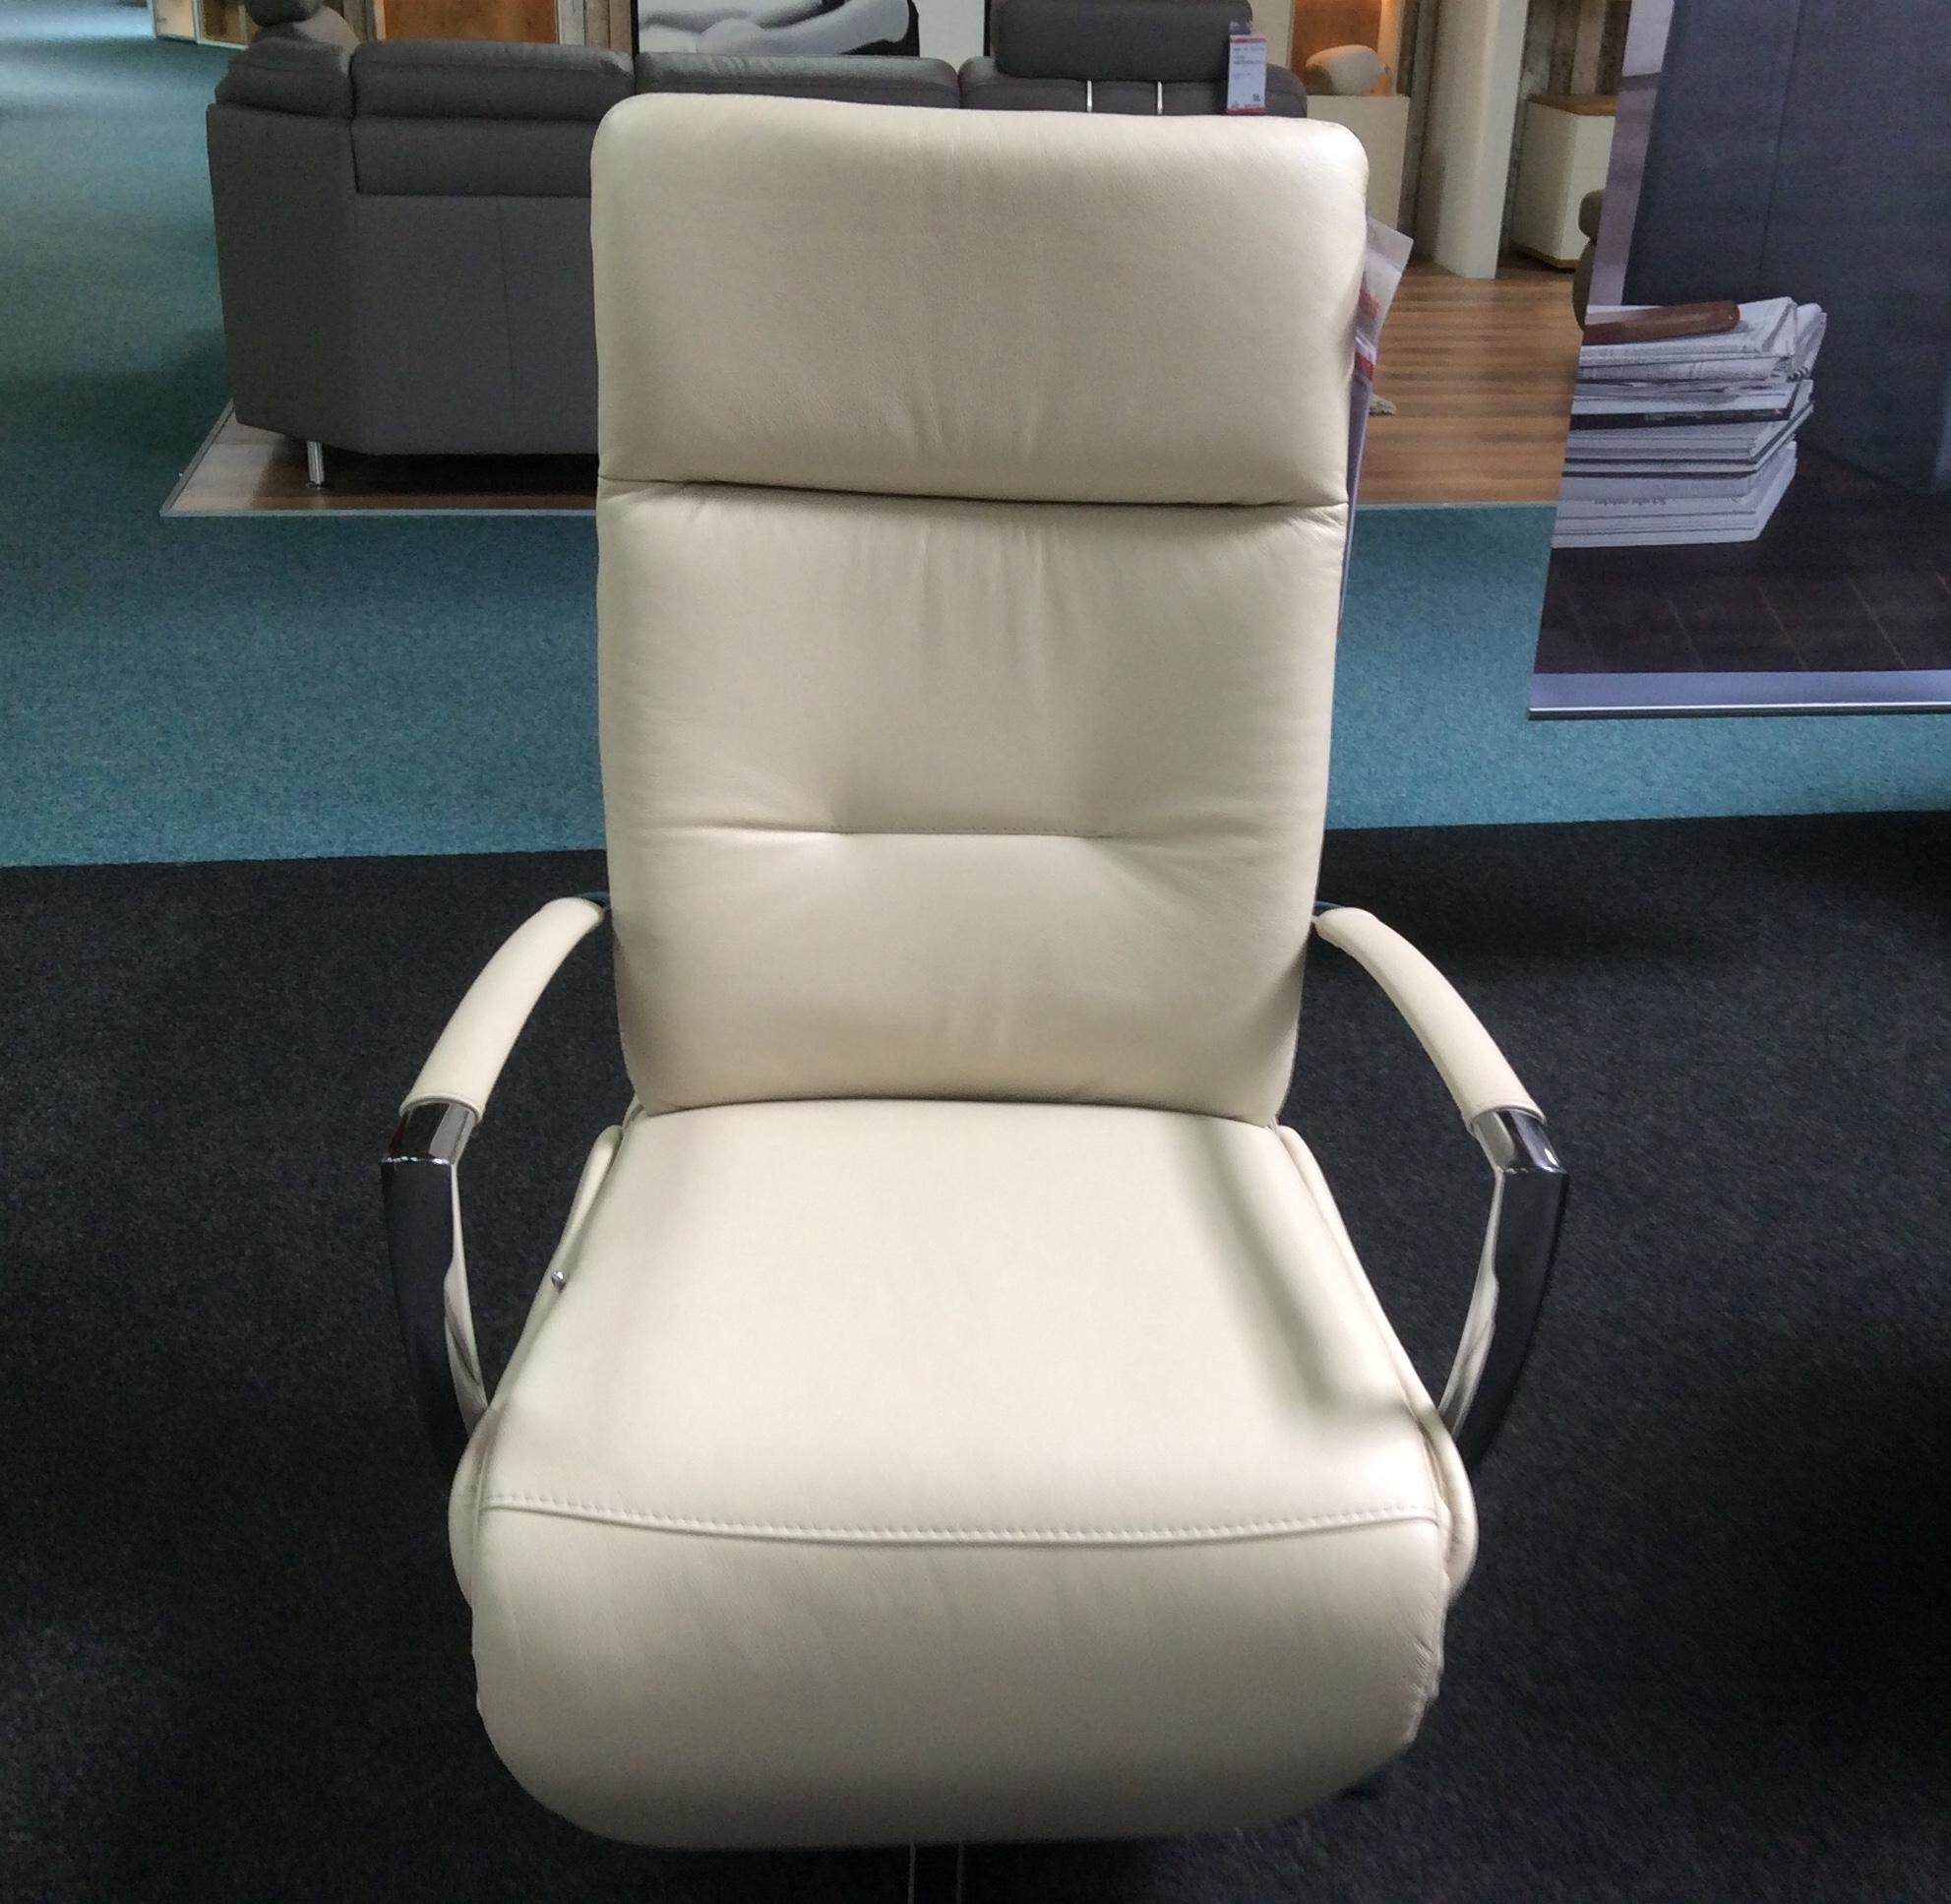 Echt-Leder Relax-Sessel seidengrau 452036